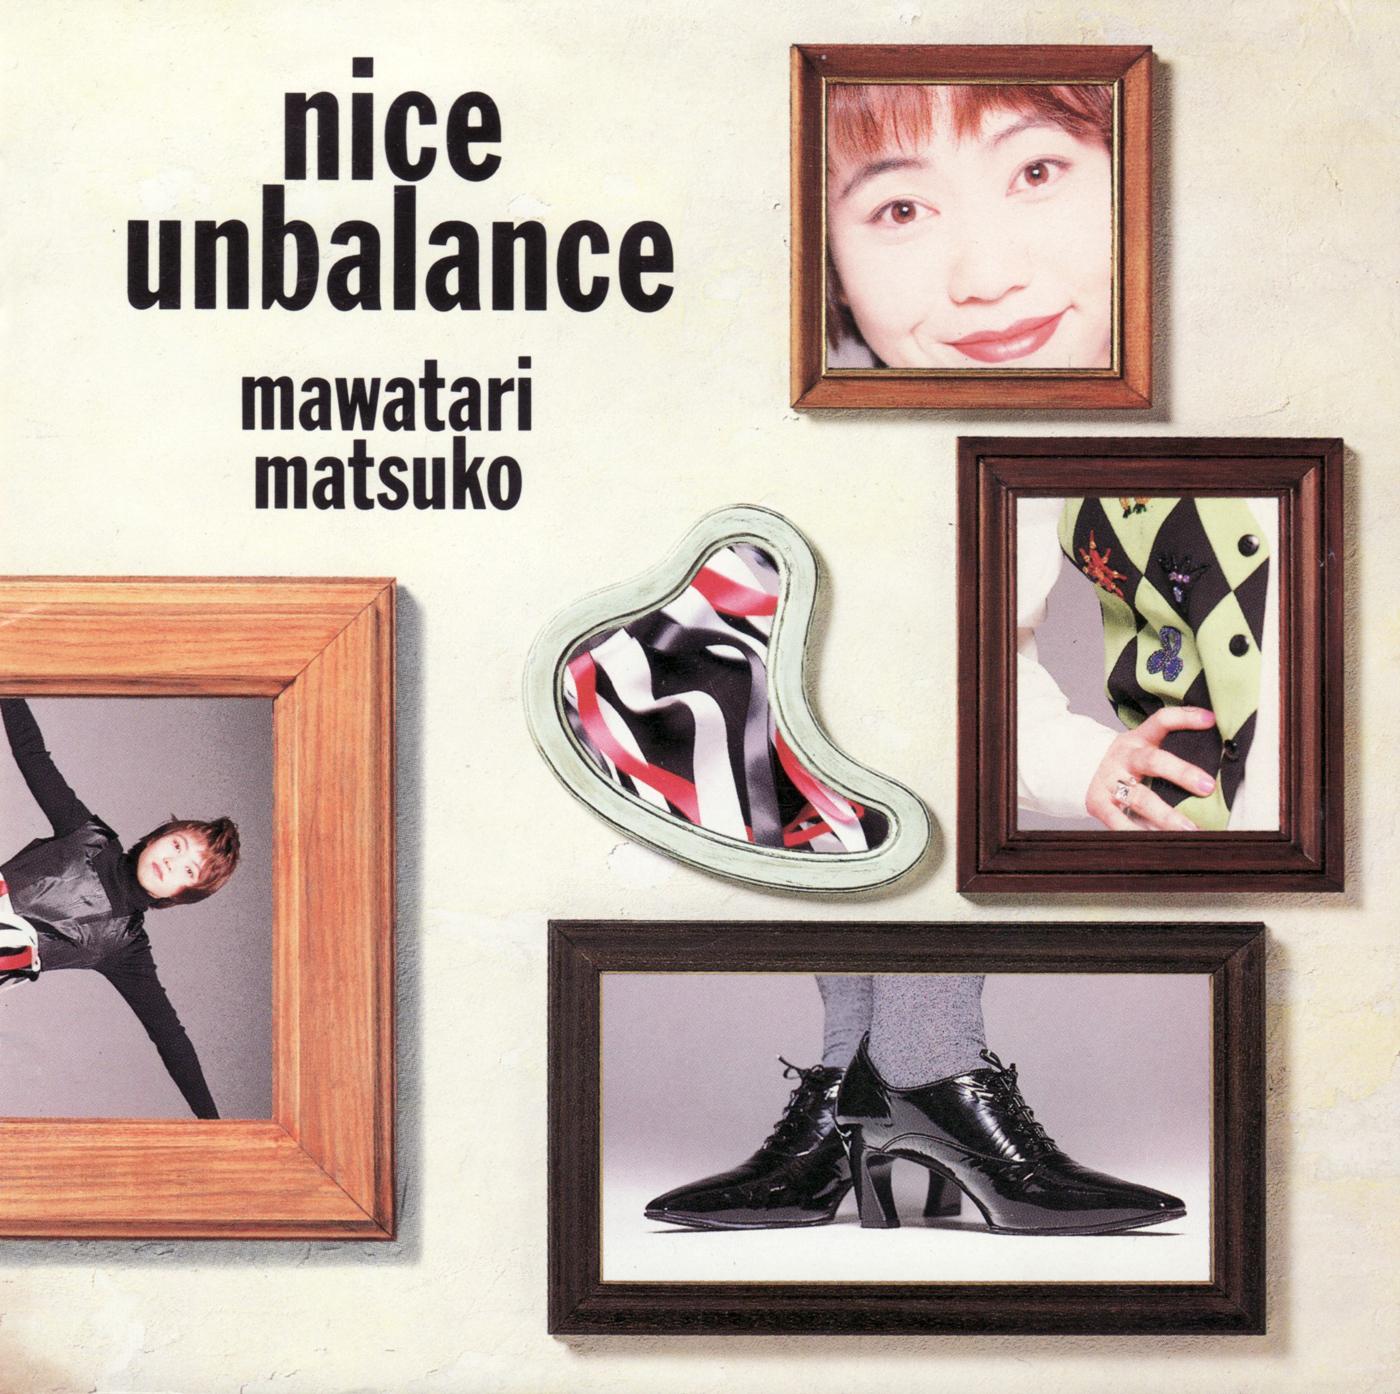 20180131.2232.13 Matsuko Mawatari - Nice Unbalance (1993) cover.jpg